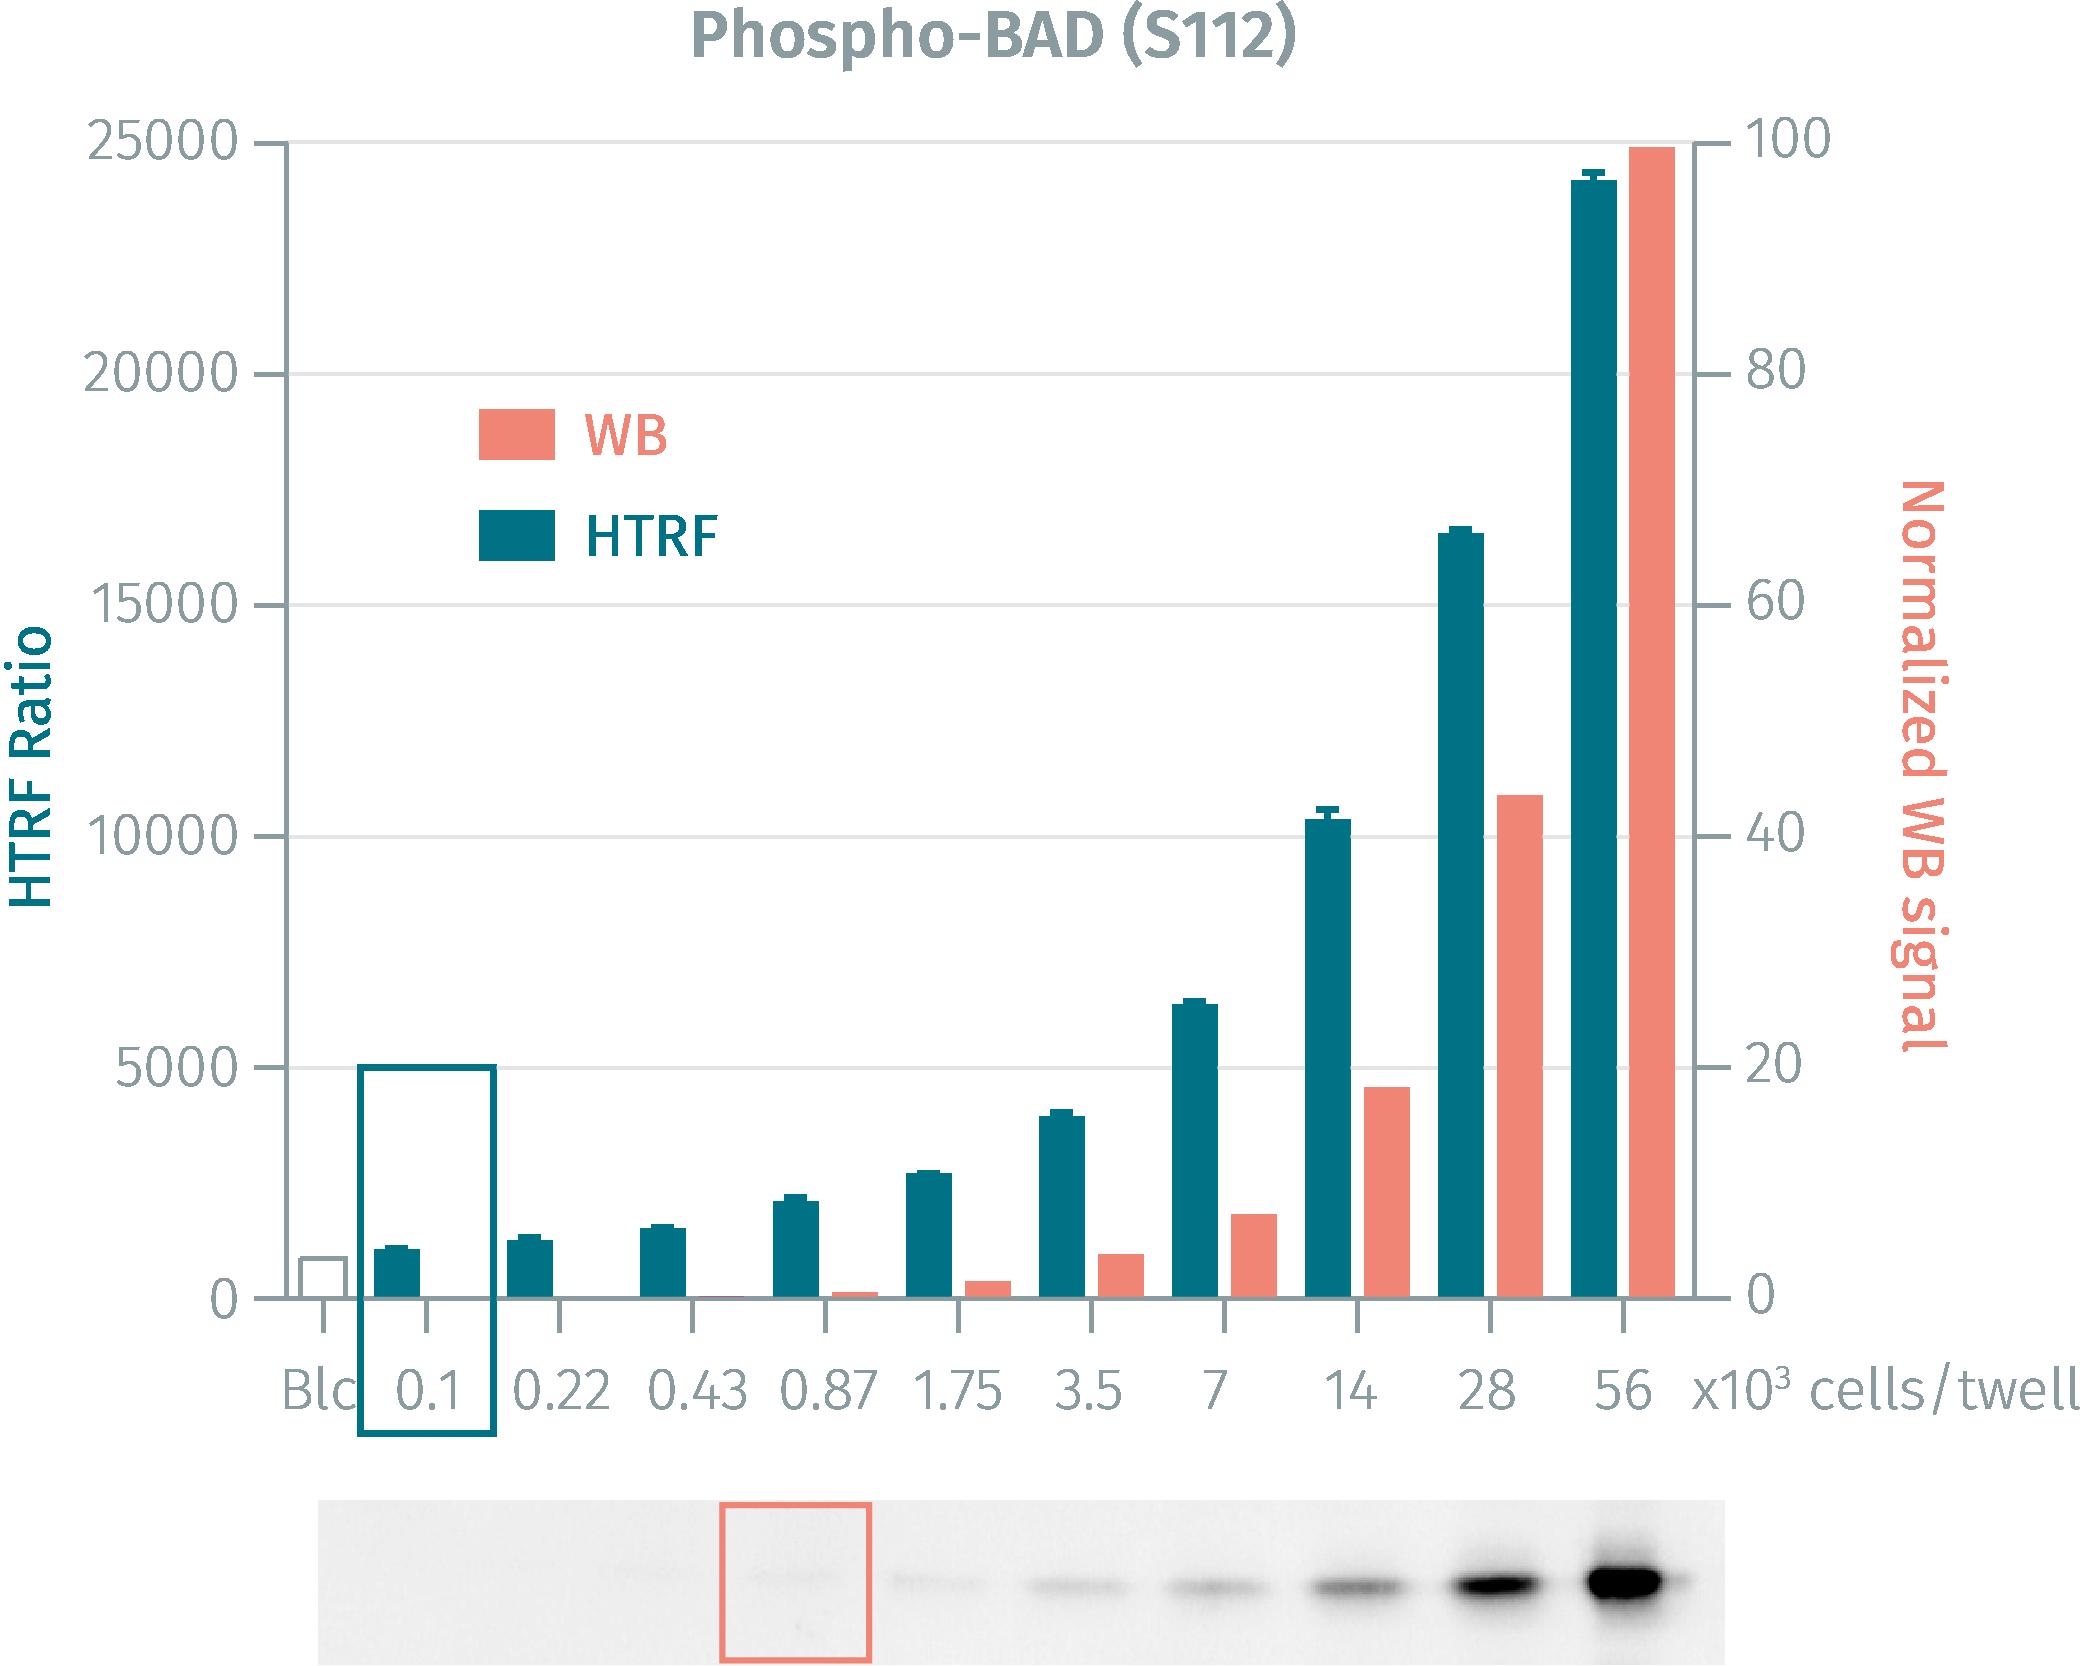 Western Blot versus HTRF assay for Phoshpo-BAD (Ser112) kit